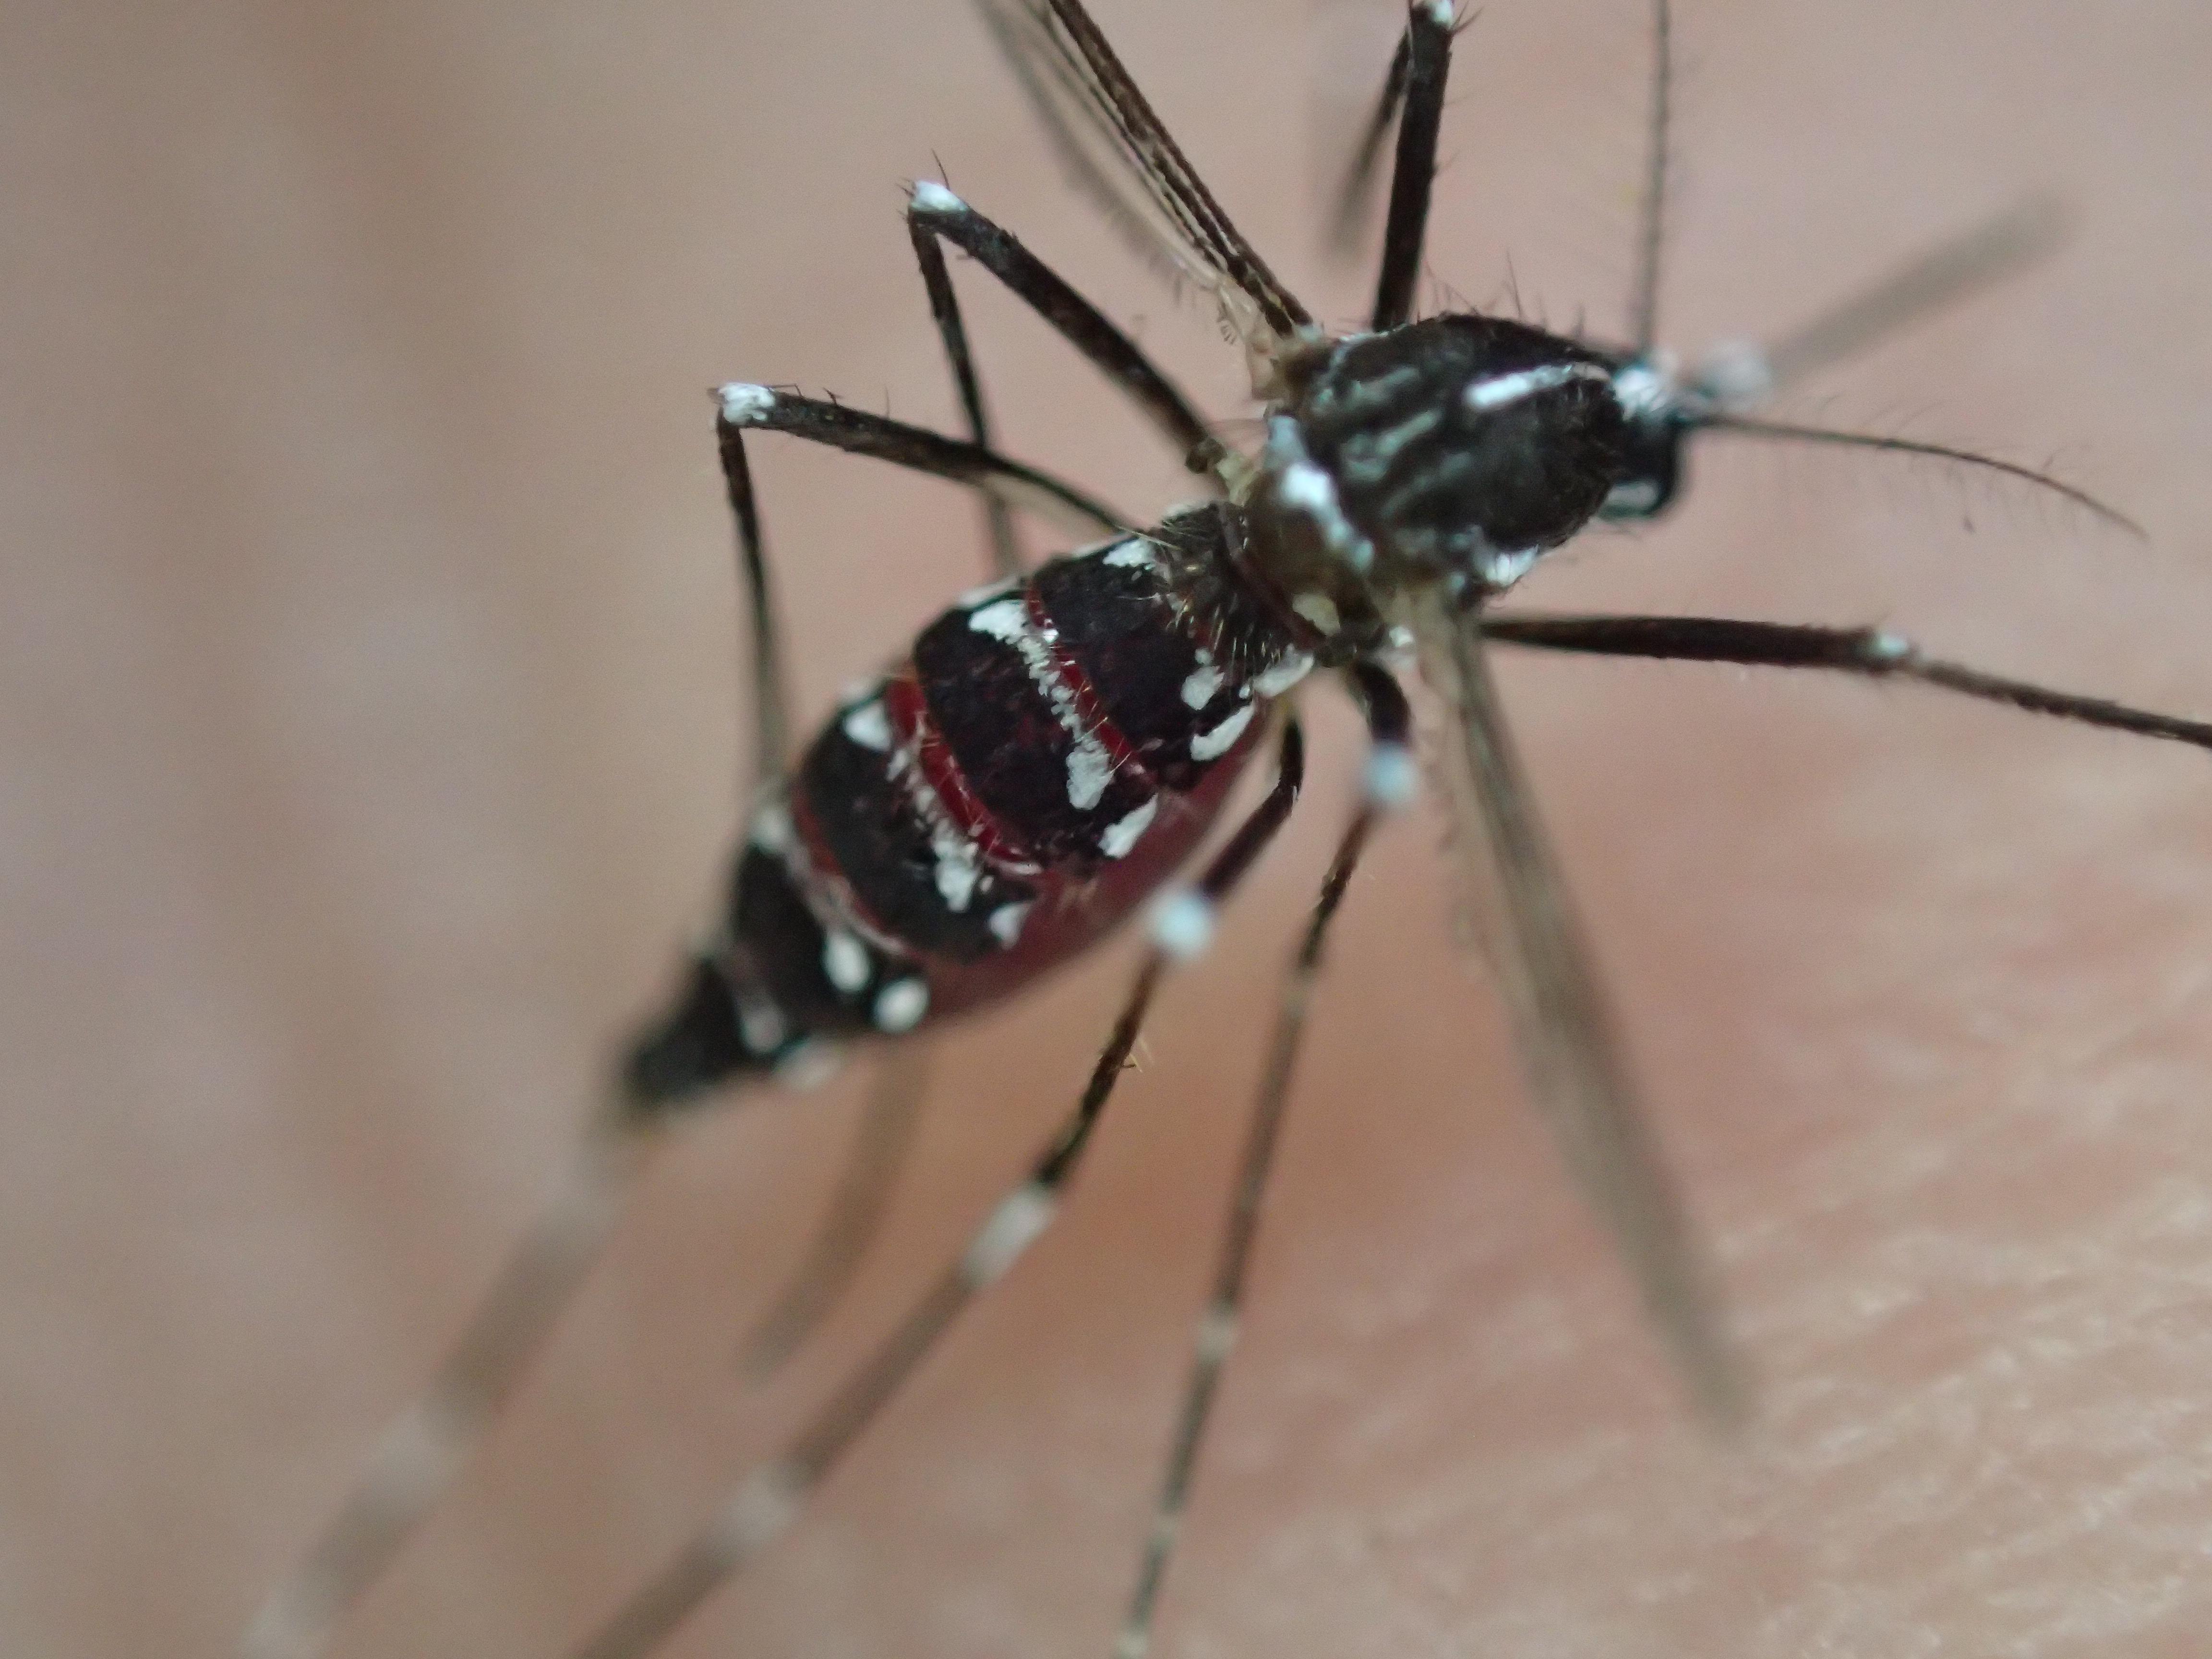 吸った血で赤黒く腫れ上がったようにパンパンになっている蚊のお腹